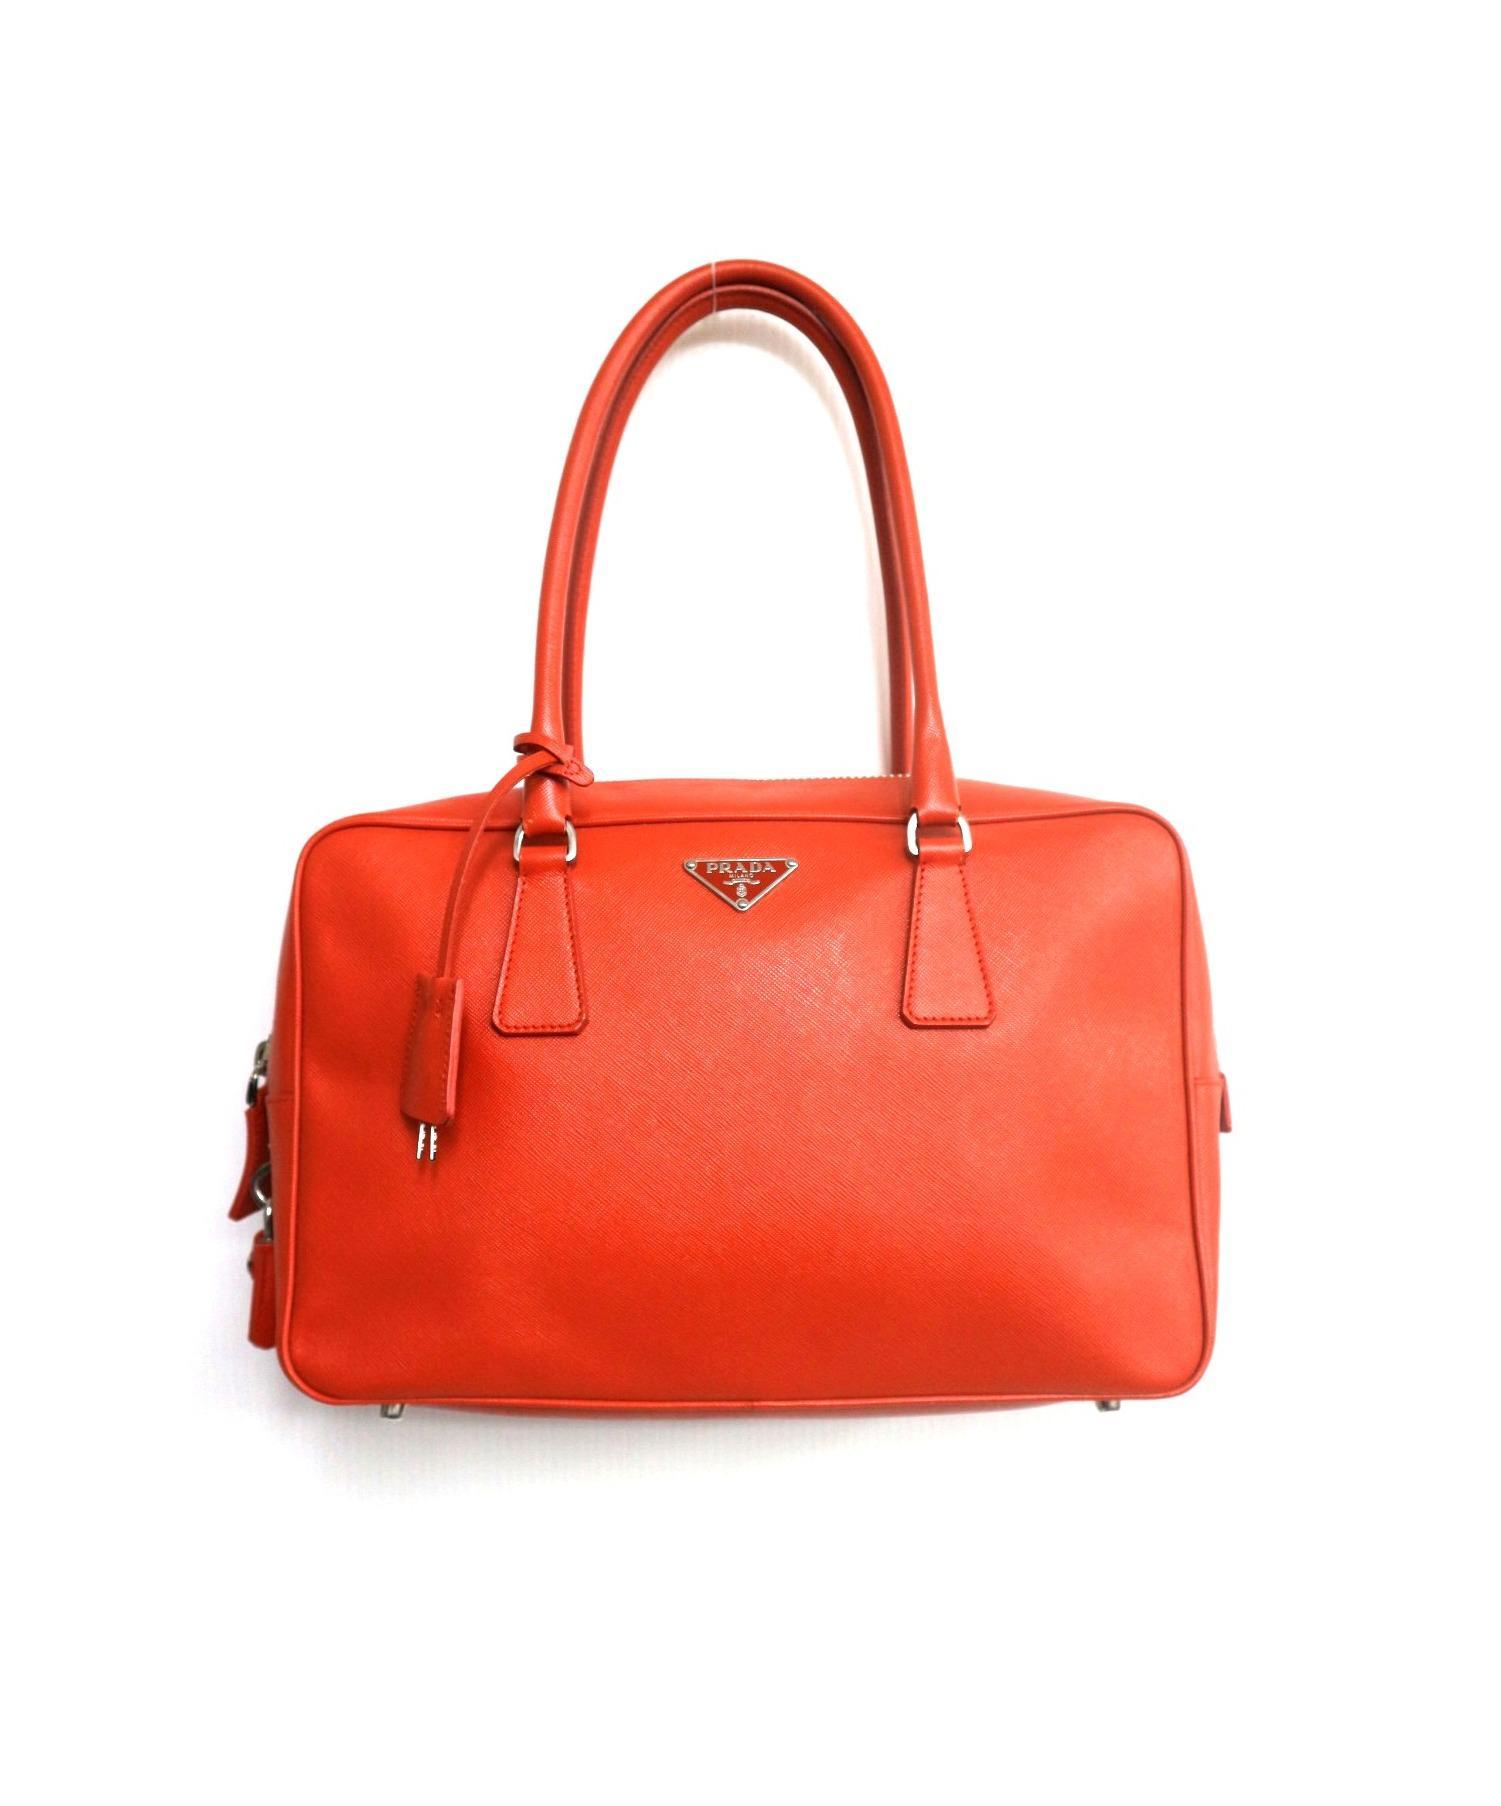 30f0ab1f1170 PRADA (プラダ) サフィアーノハンドバッグ オレンジ サイズ:表記なし BL0095. PRADA